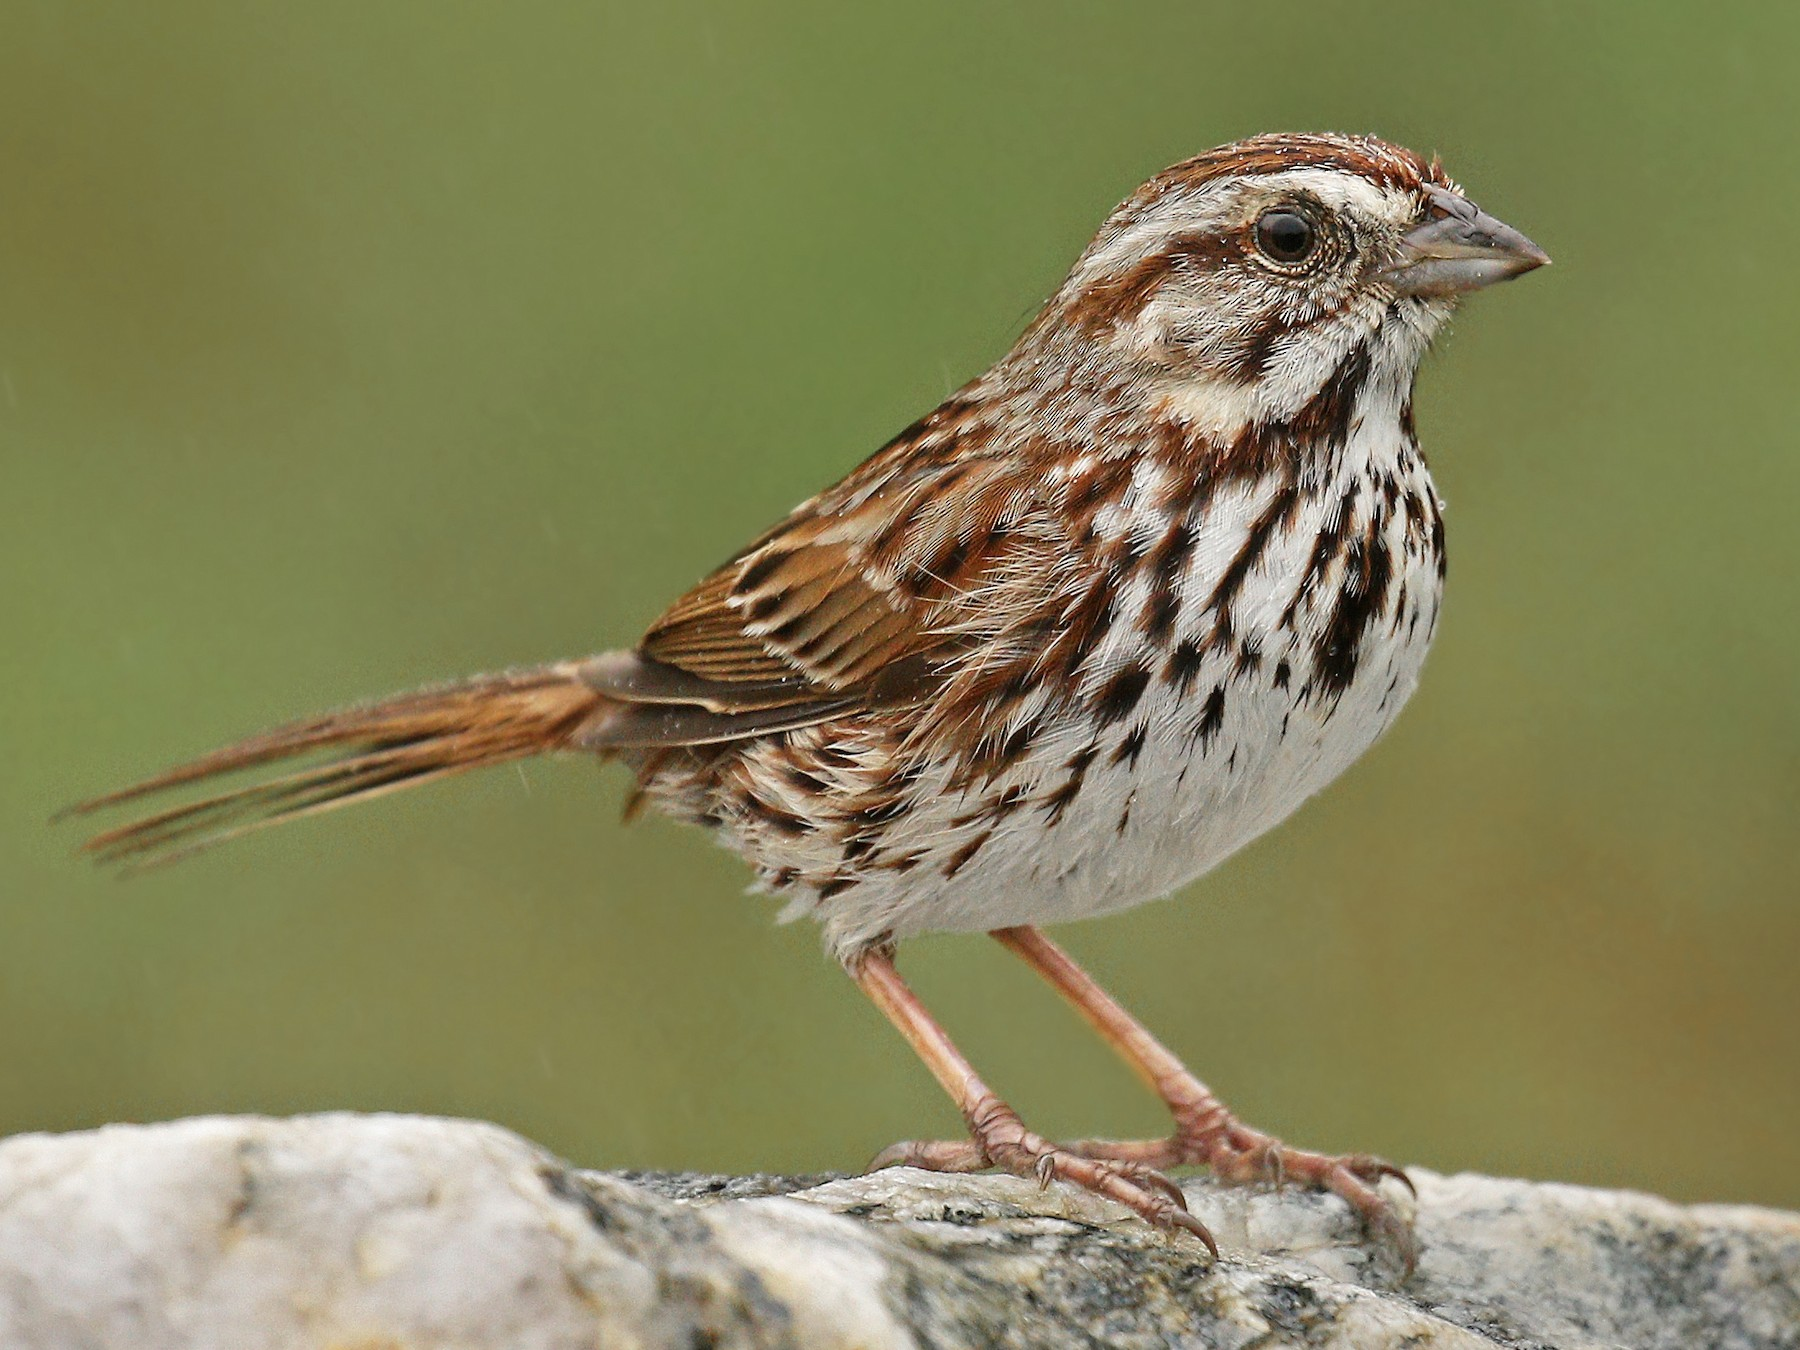 Song Sparrow - Ryan Schain